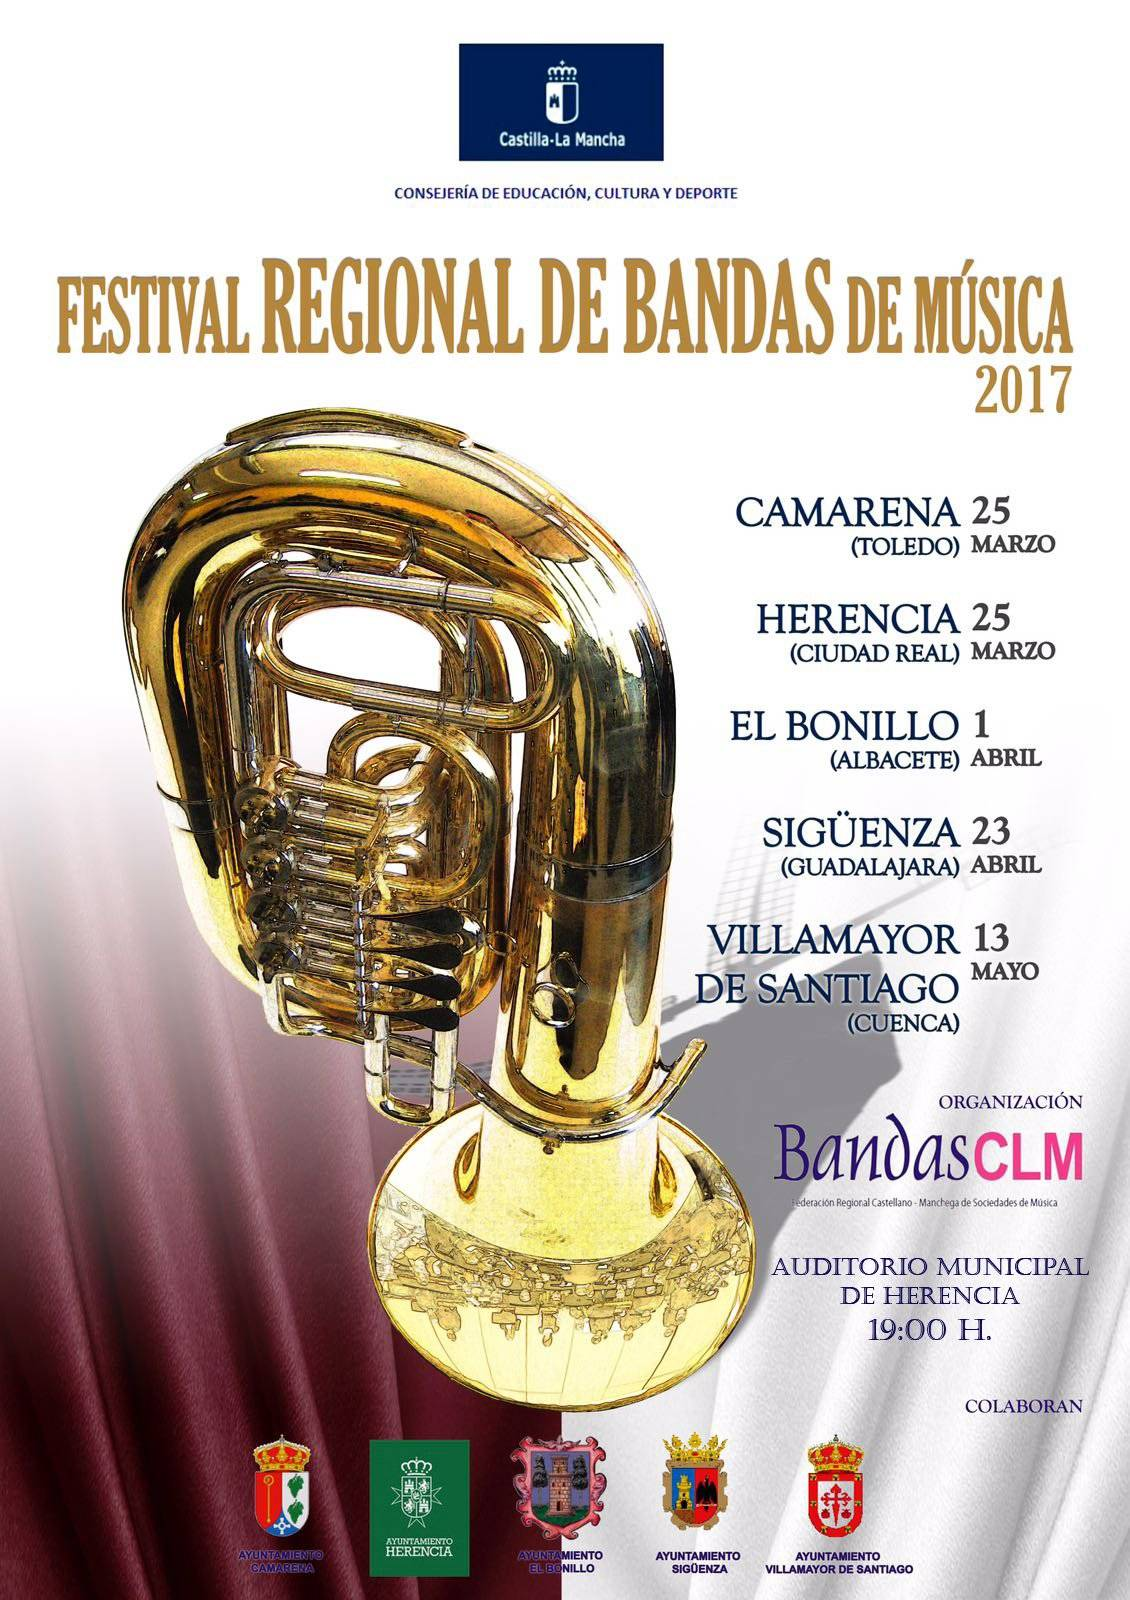 Festival regional de bandas de musica - Festival Regional de Bandas de Música en Herencia 2017